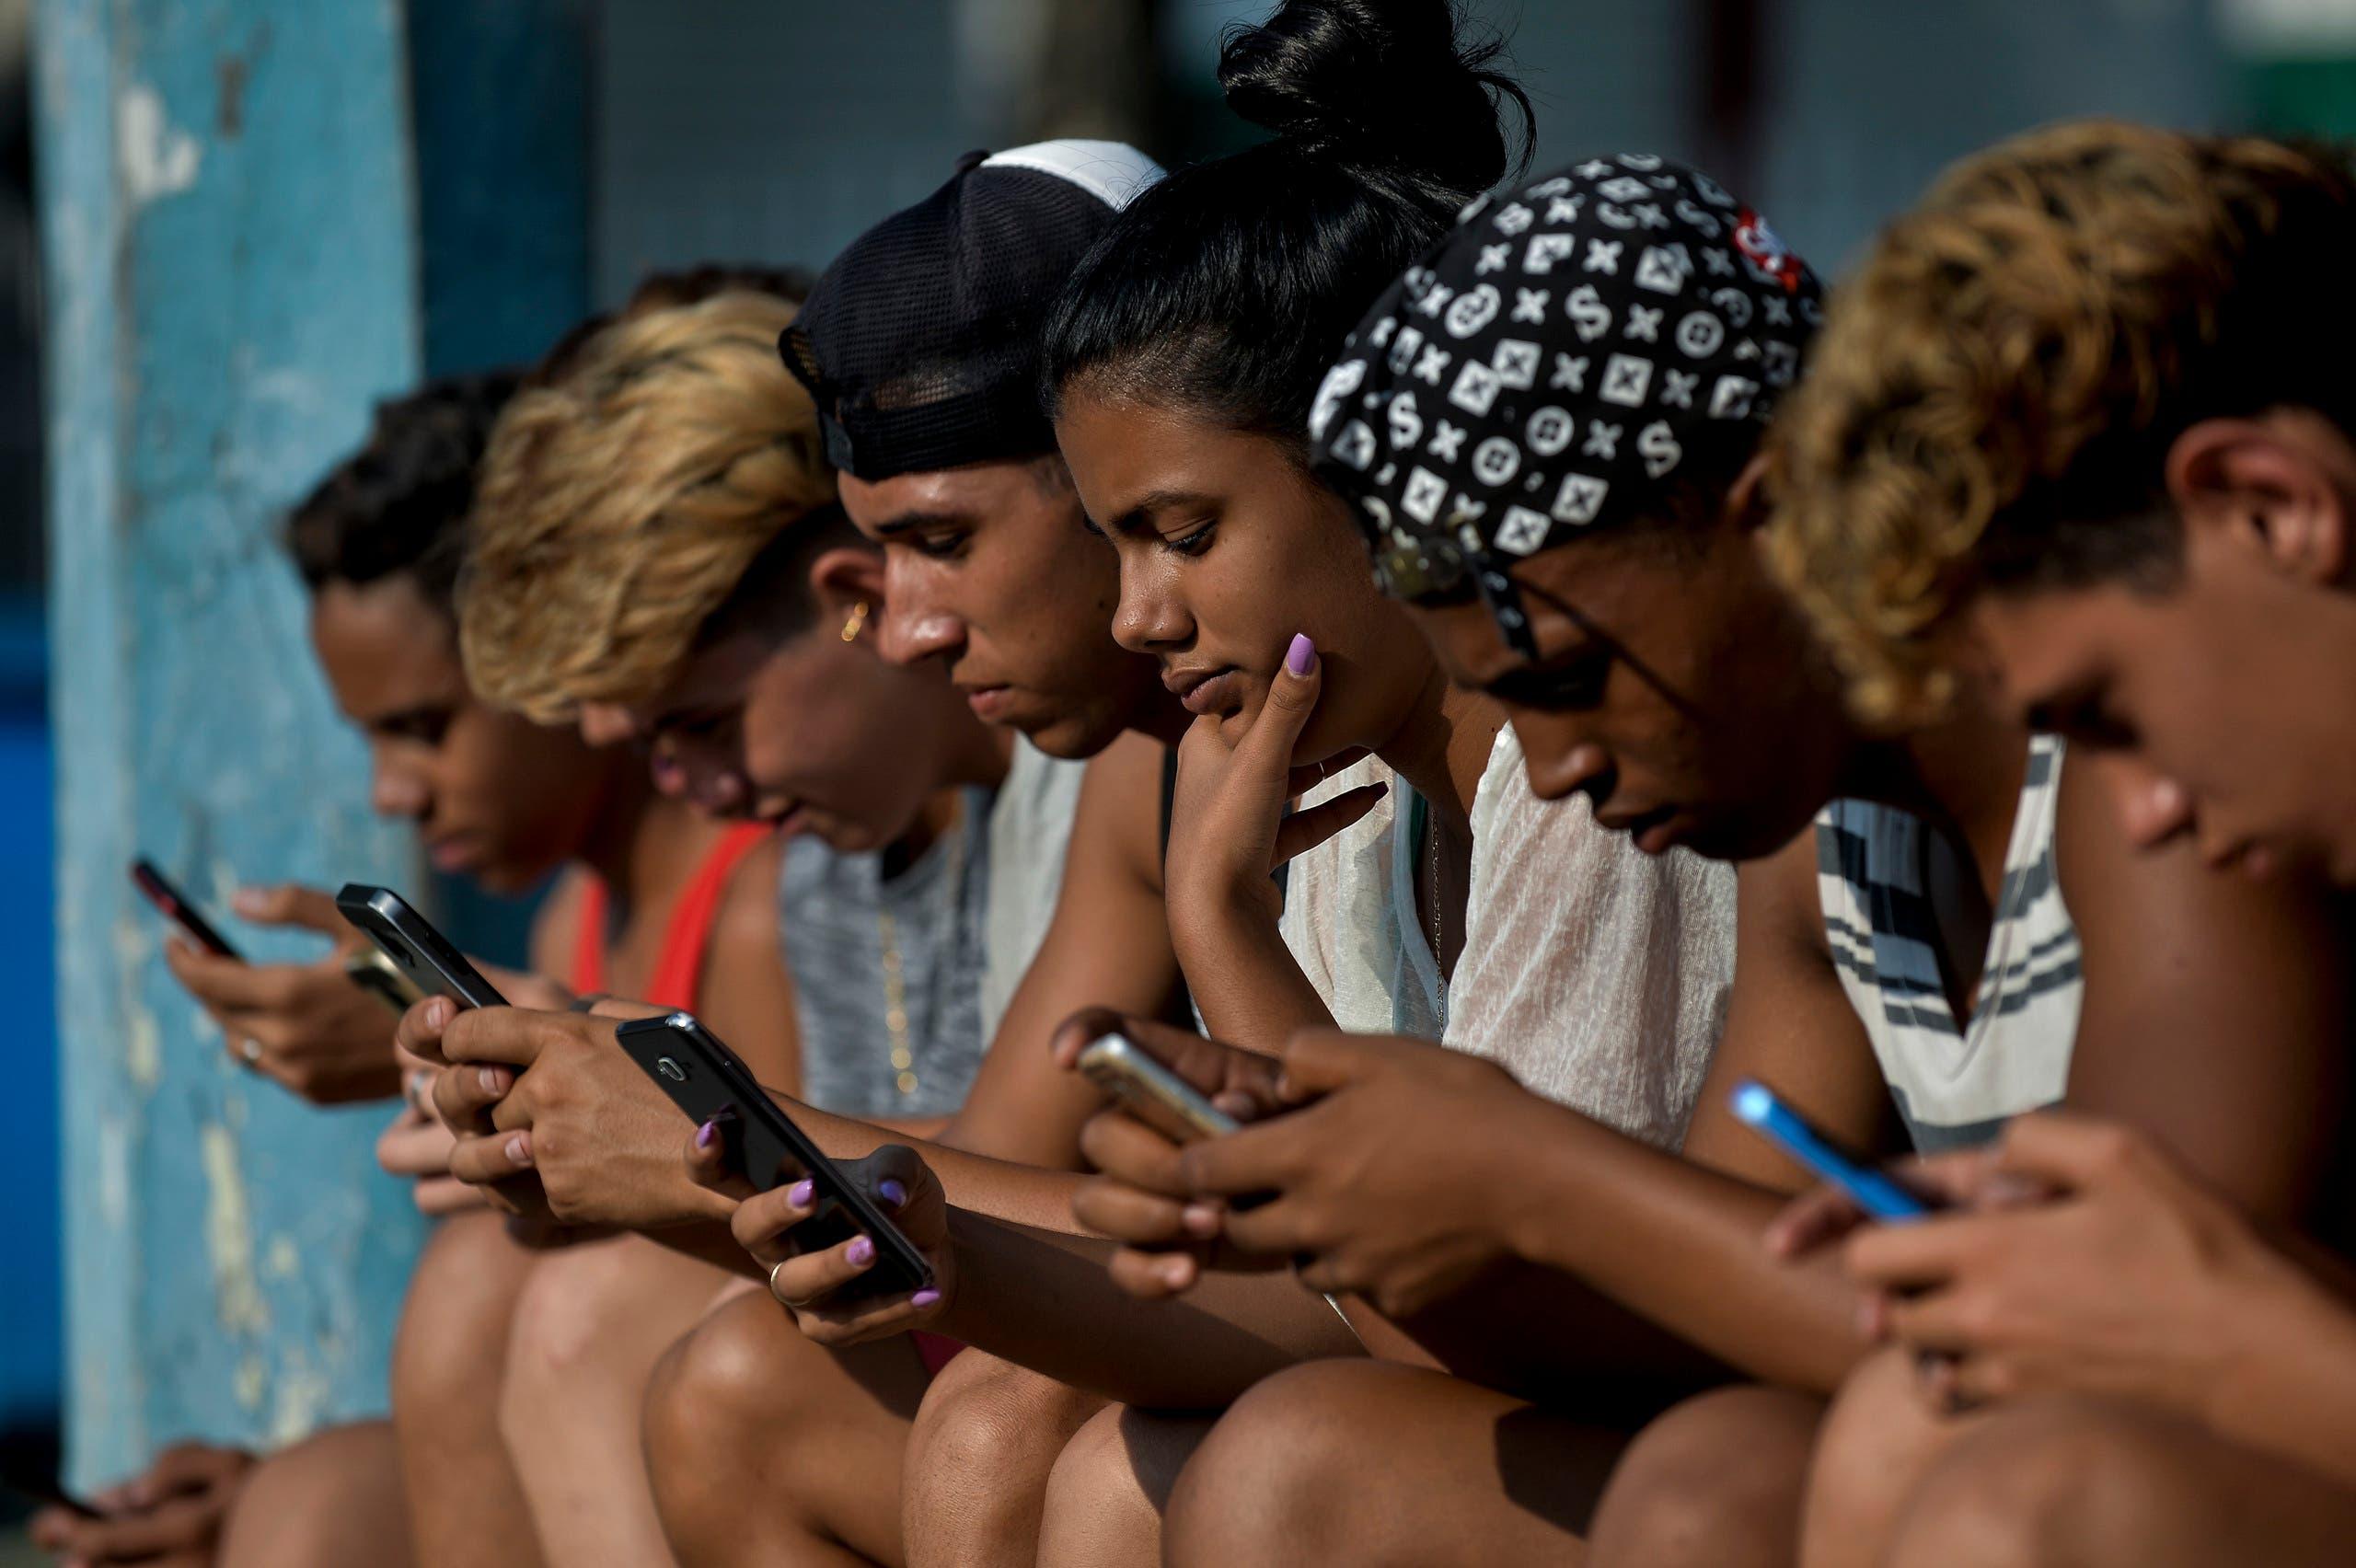 Teenagers using their phones. (AFP)